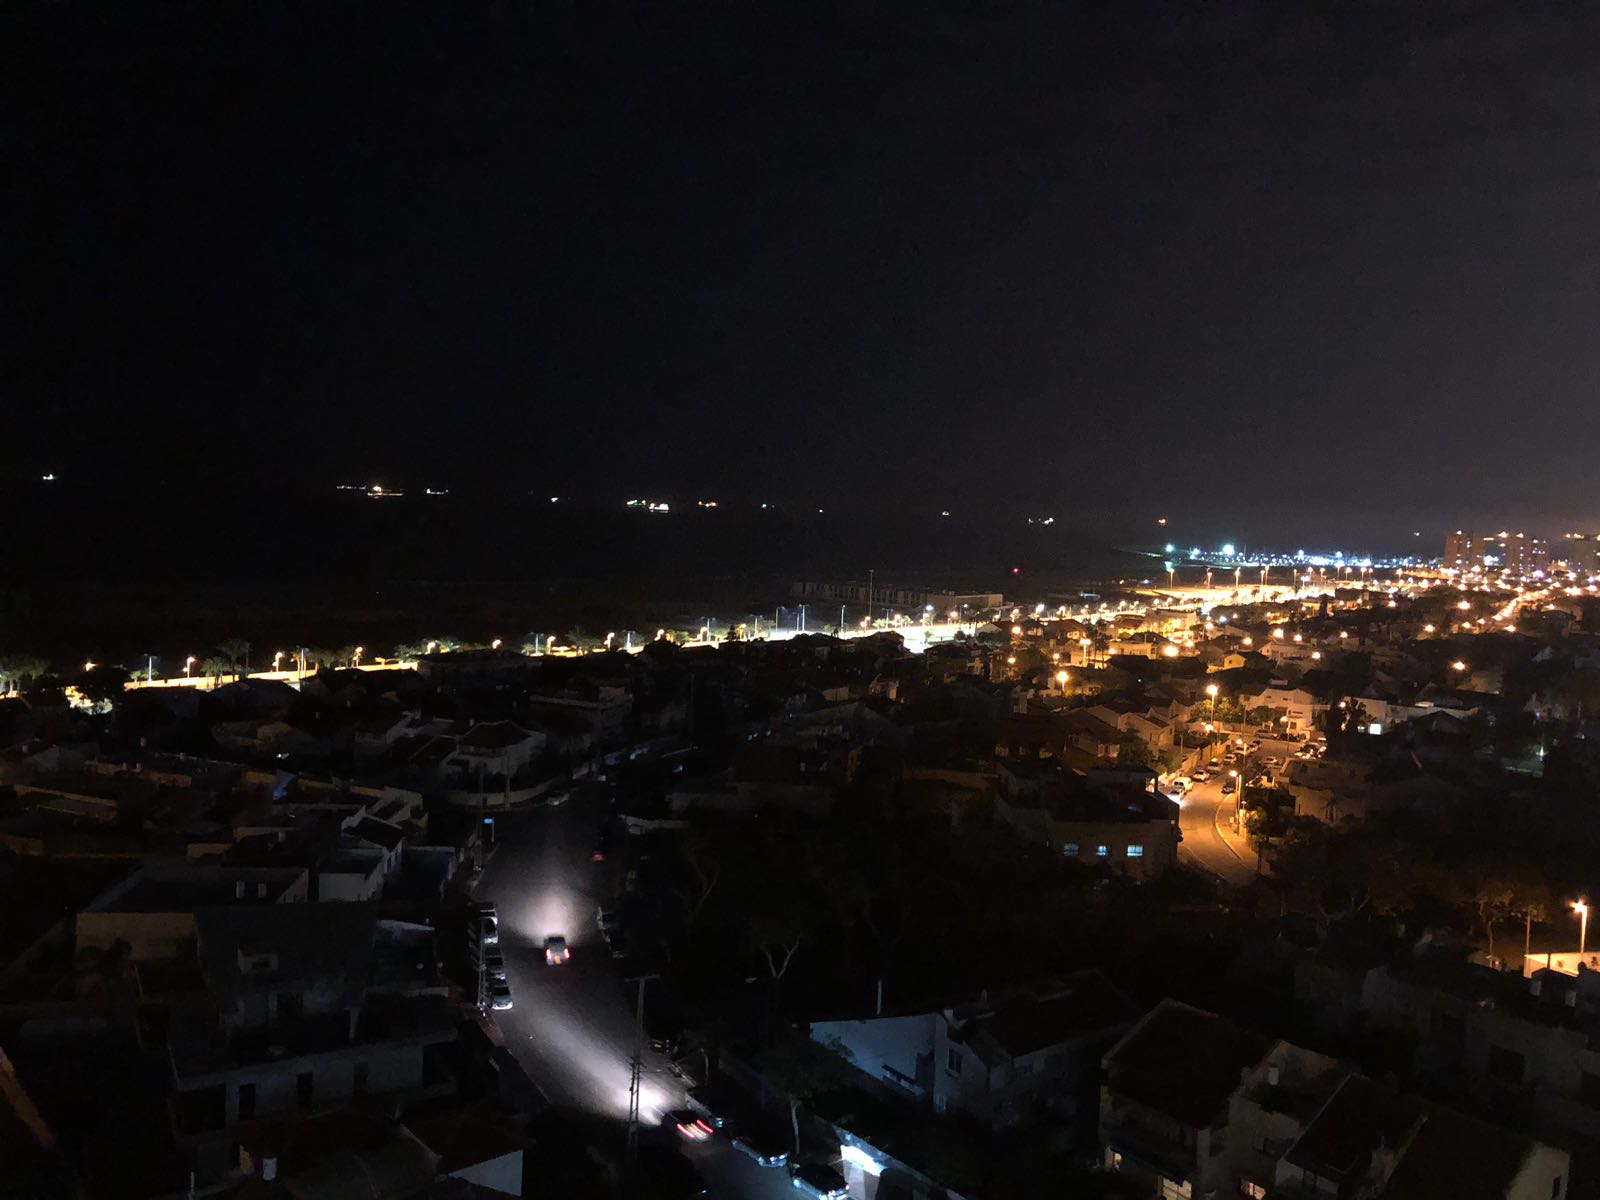 העיר בחושך: הפסקת חשמל צילום: אבי פלדמן